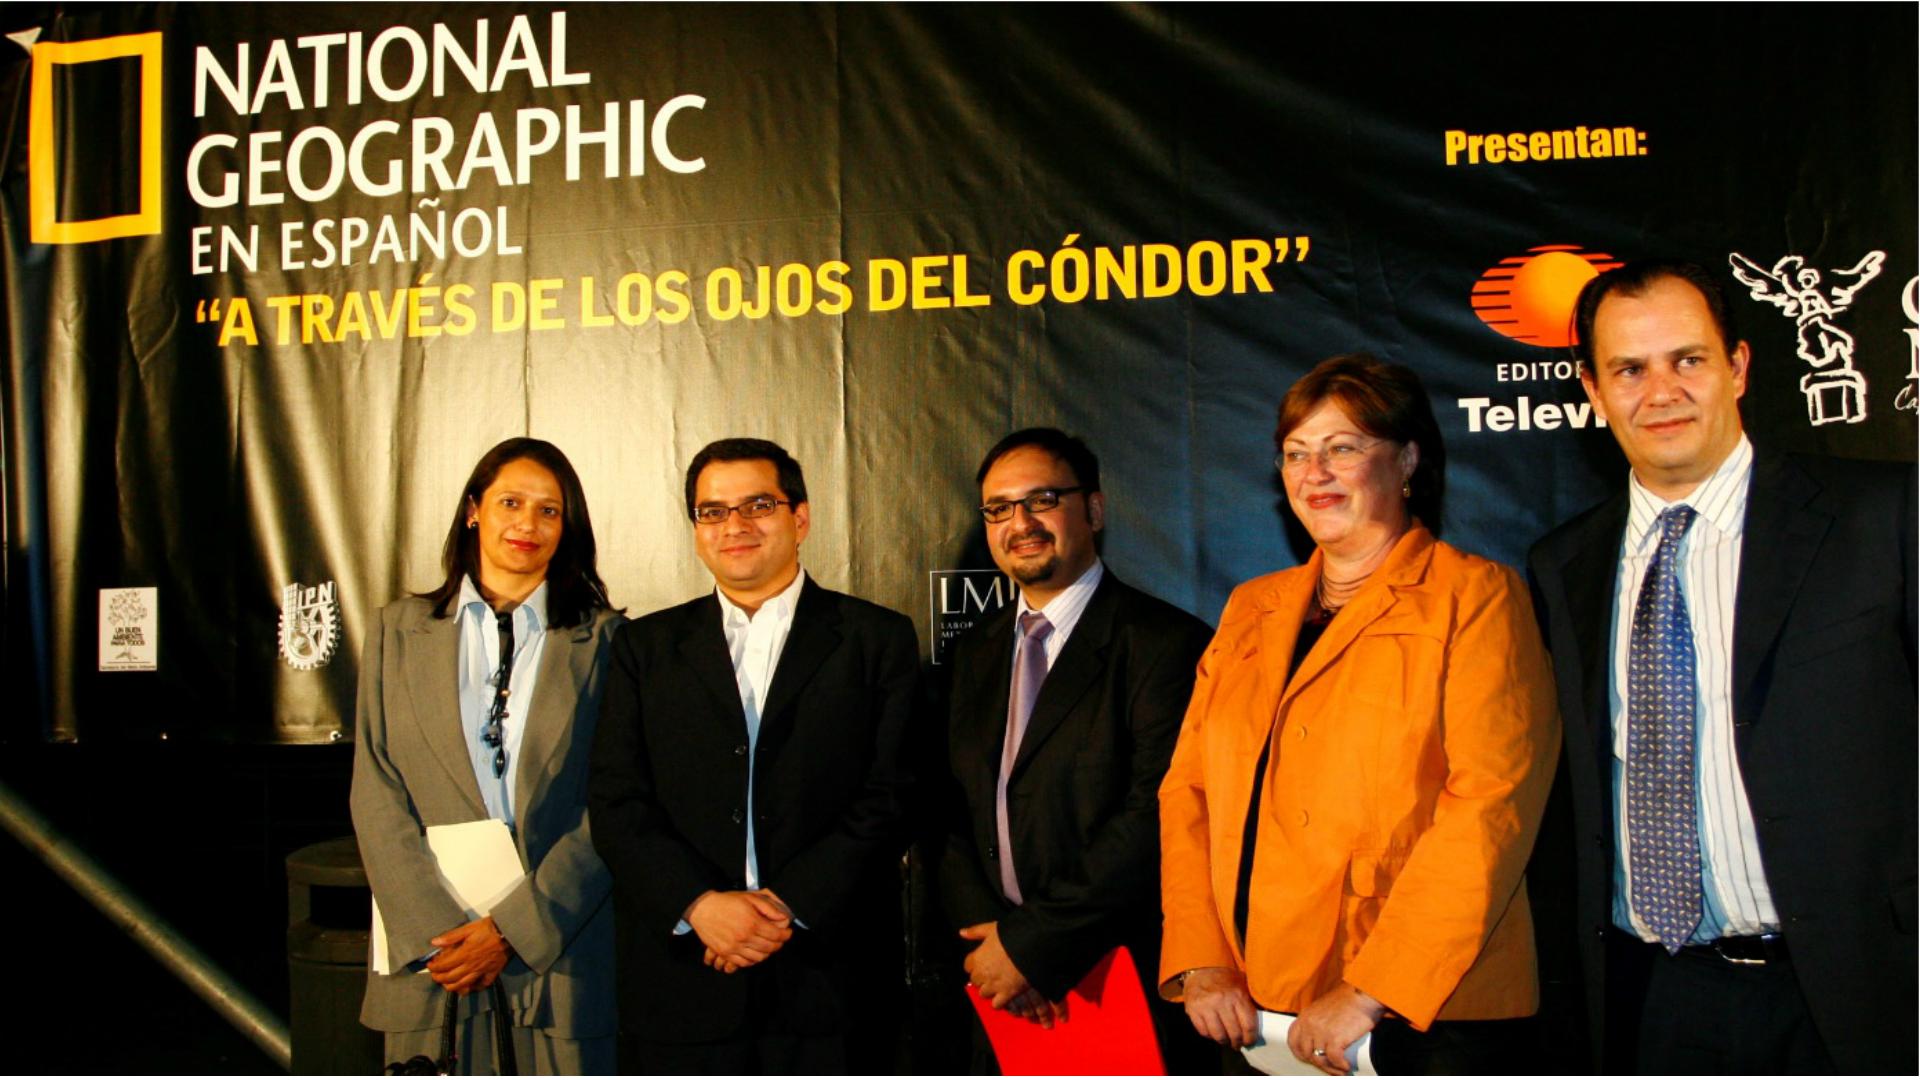 National Geographic es uno de las marcas que llegó a editar Televisa (Foto: Cuartoscuro)